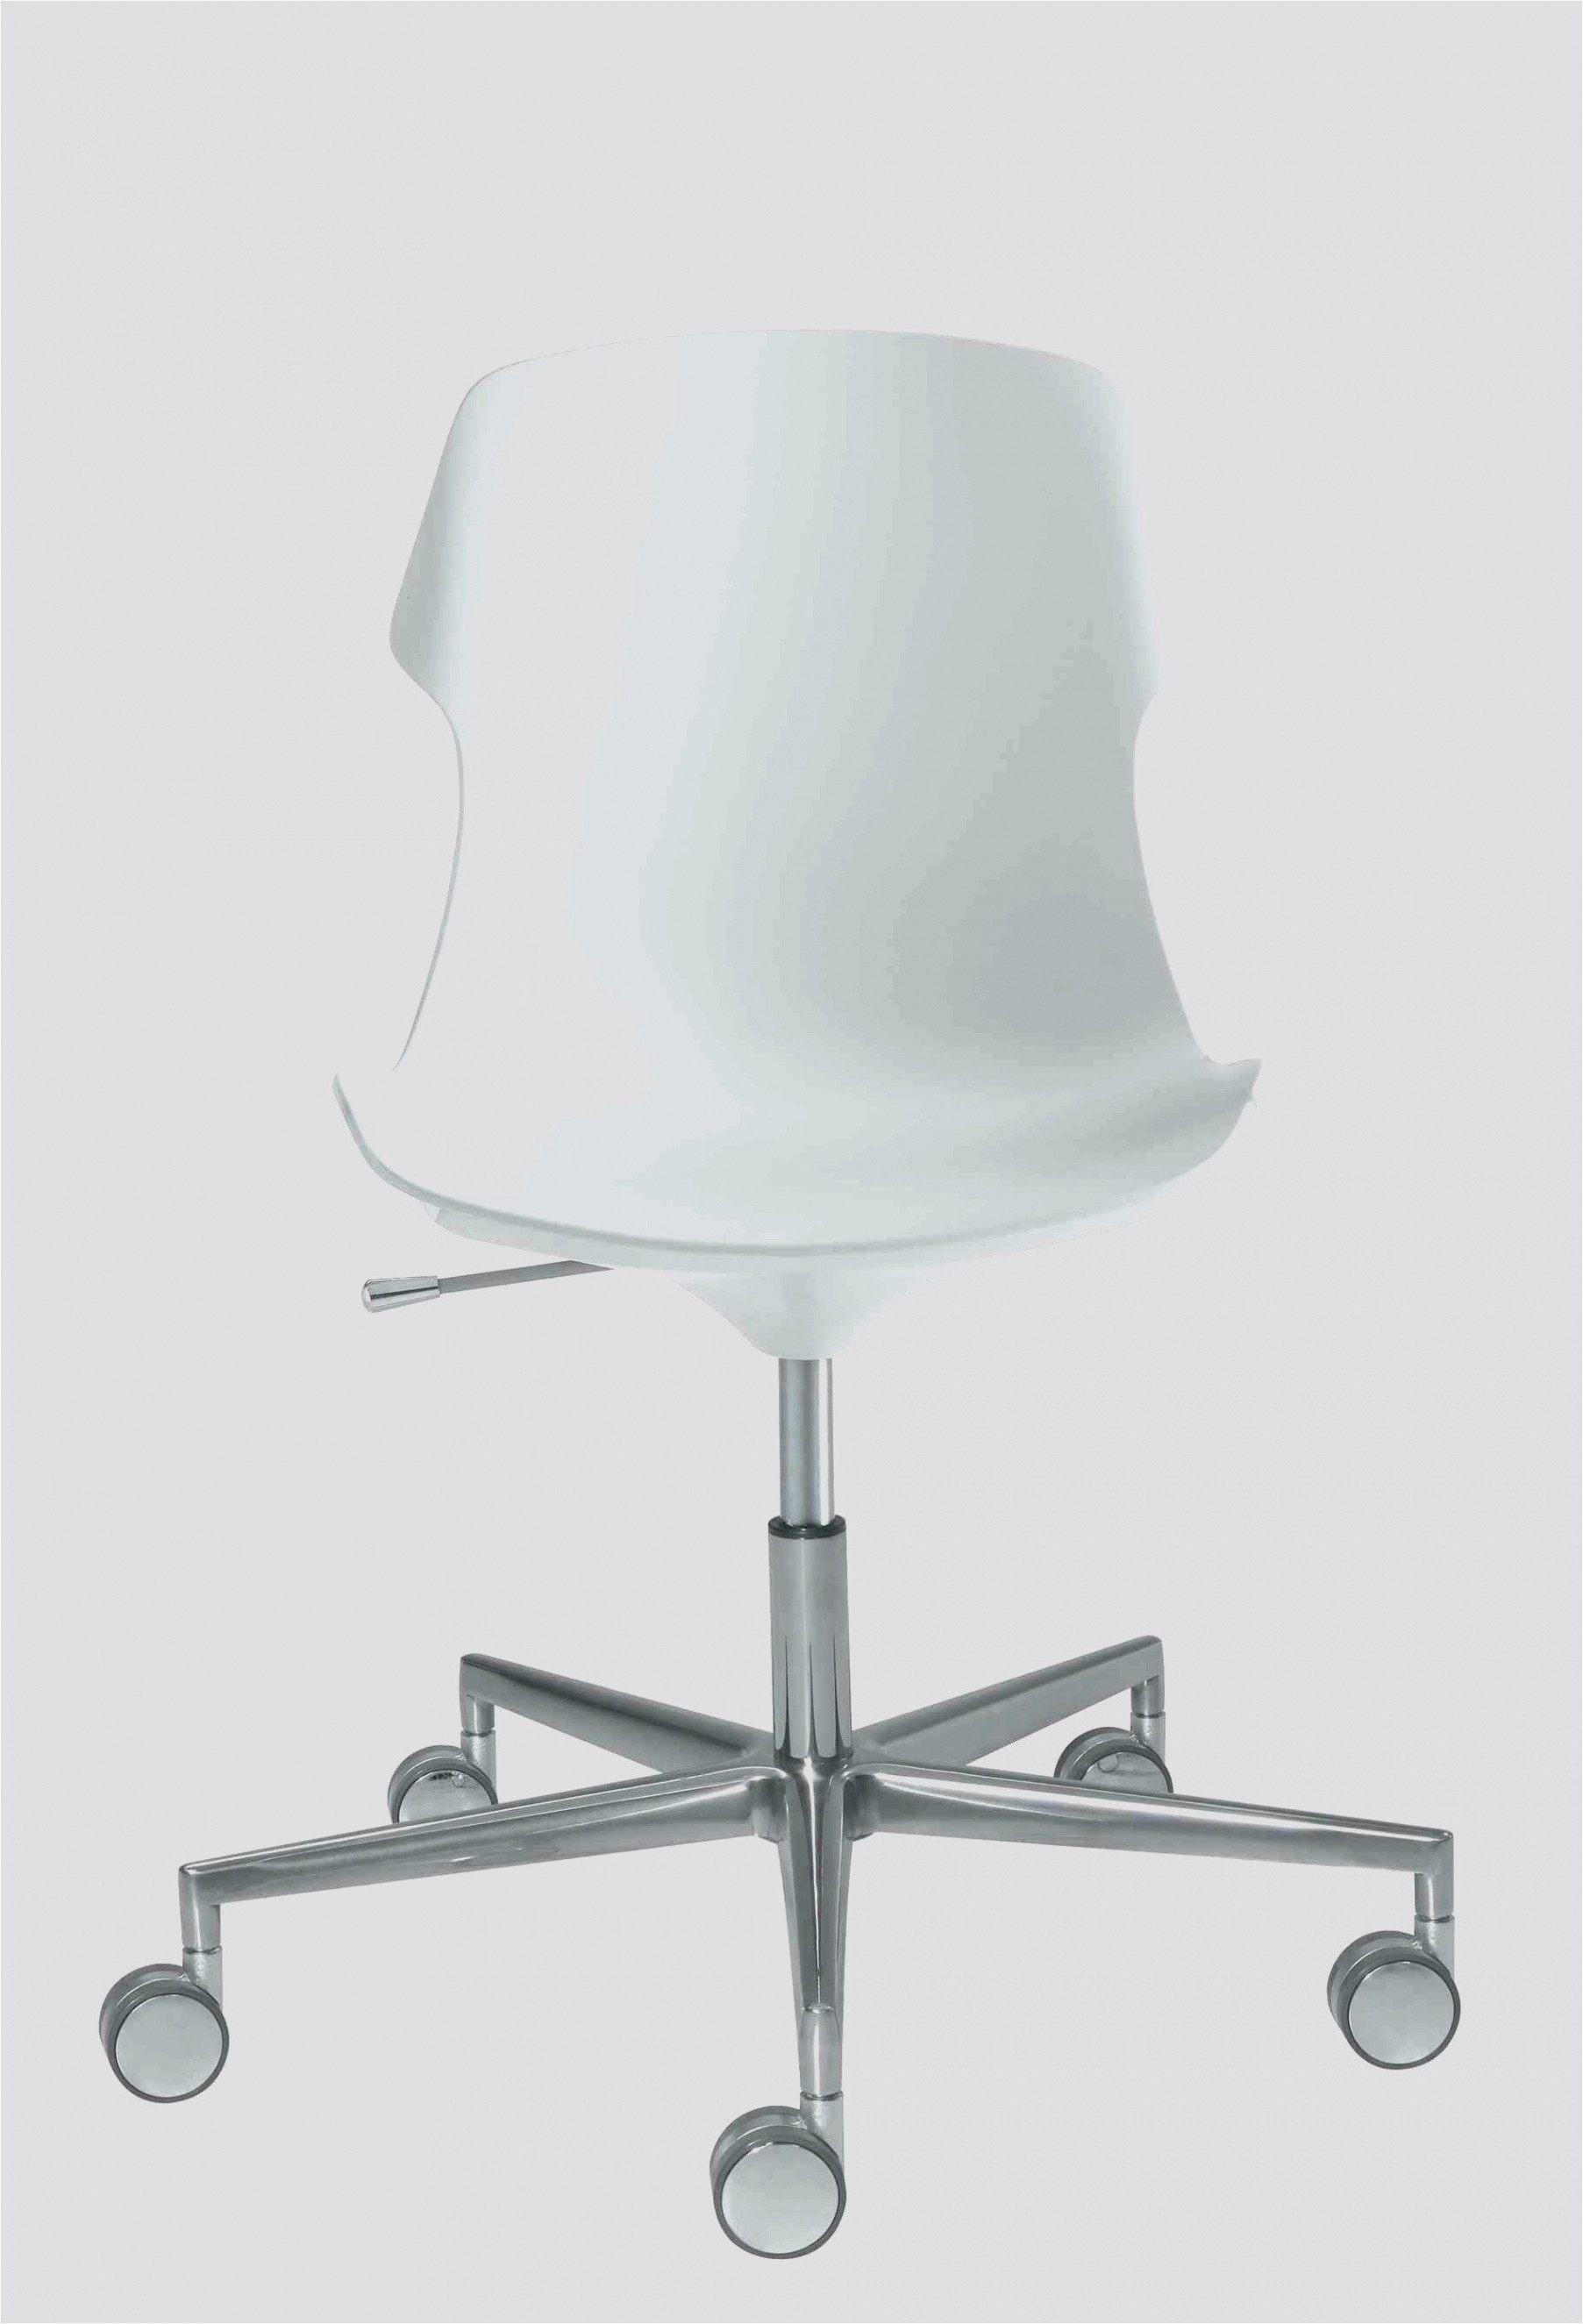 Fabriquer Tete De Lit Capitonnée De Luxe 35 élégant Chaise Capitonnée Conforama Idées Inspirantes